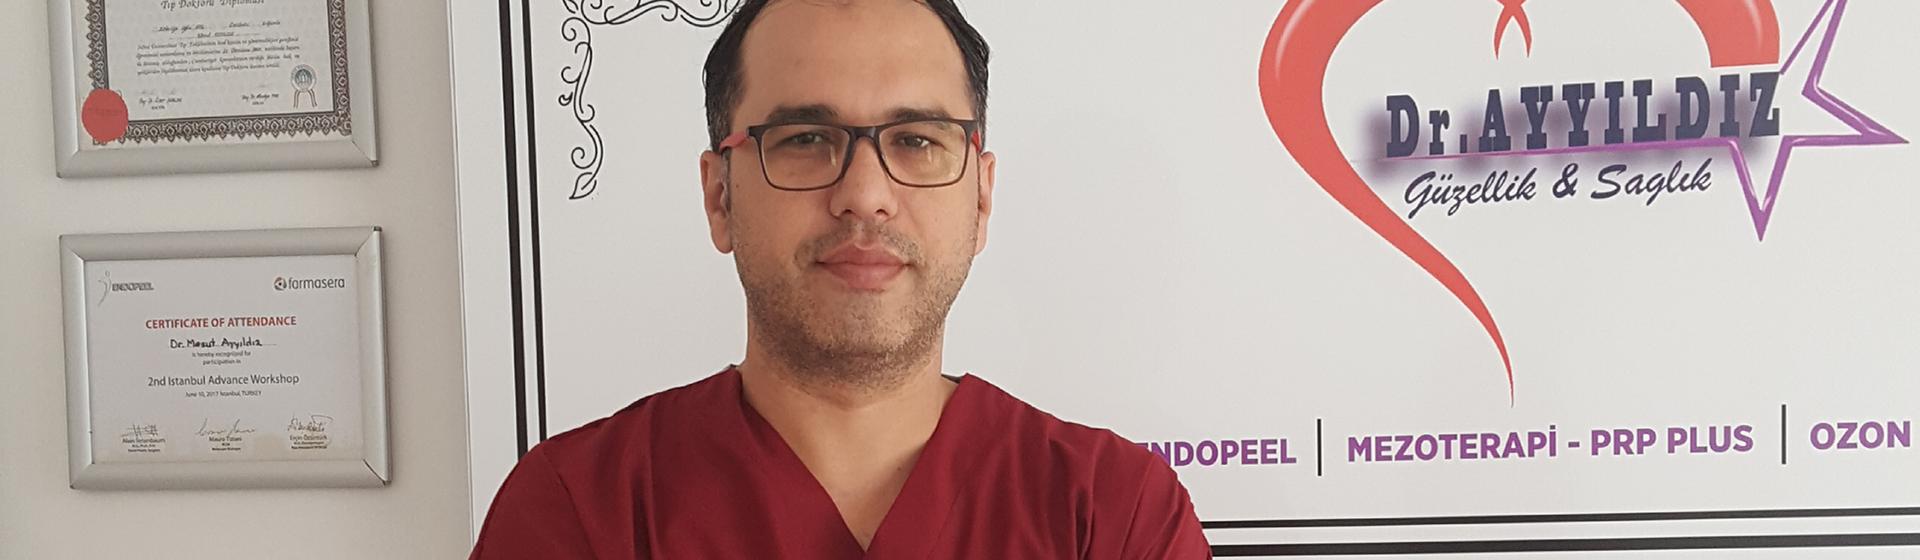 Endopeel tekniği Trakya ve Güney Marmara uygulama eğitim doktoru.